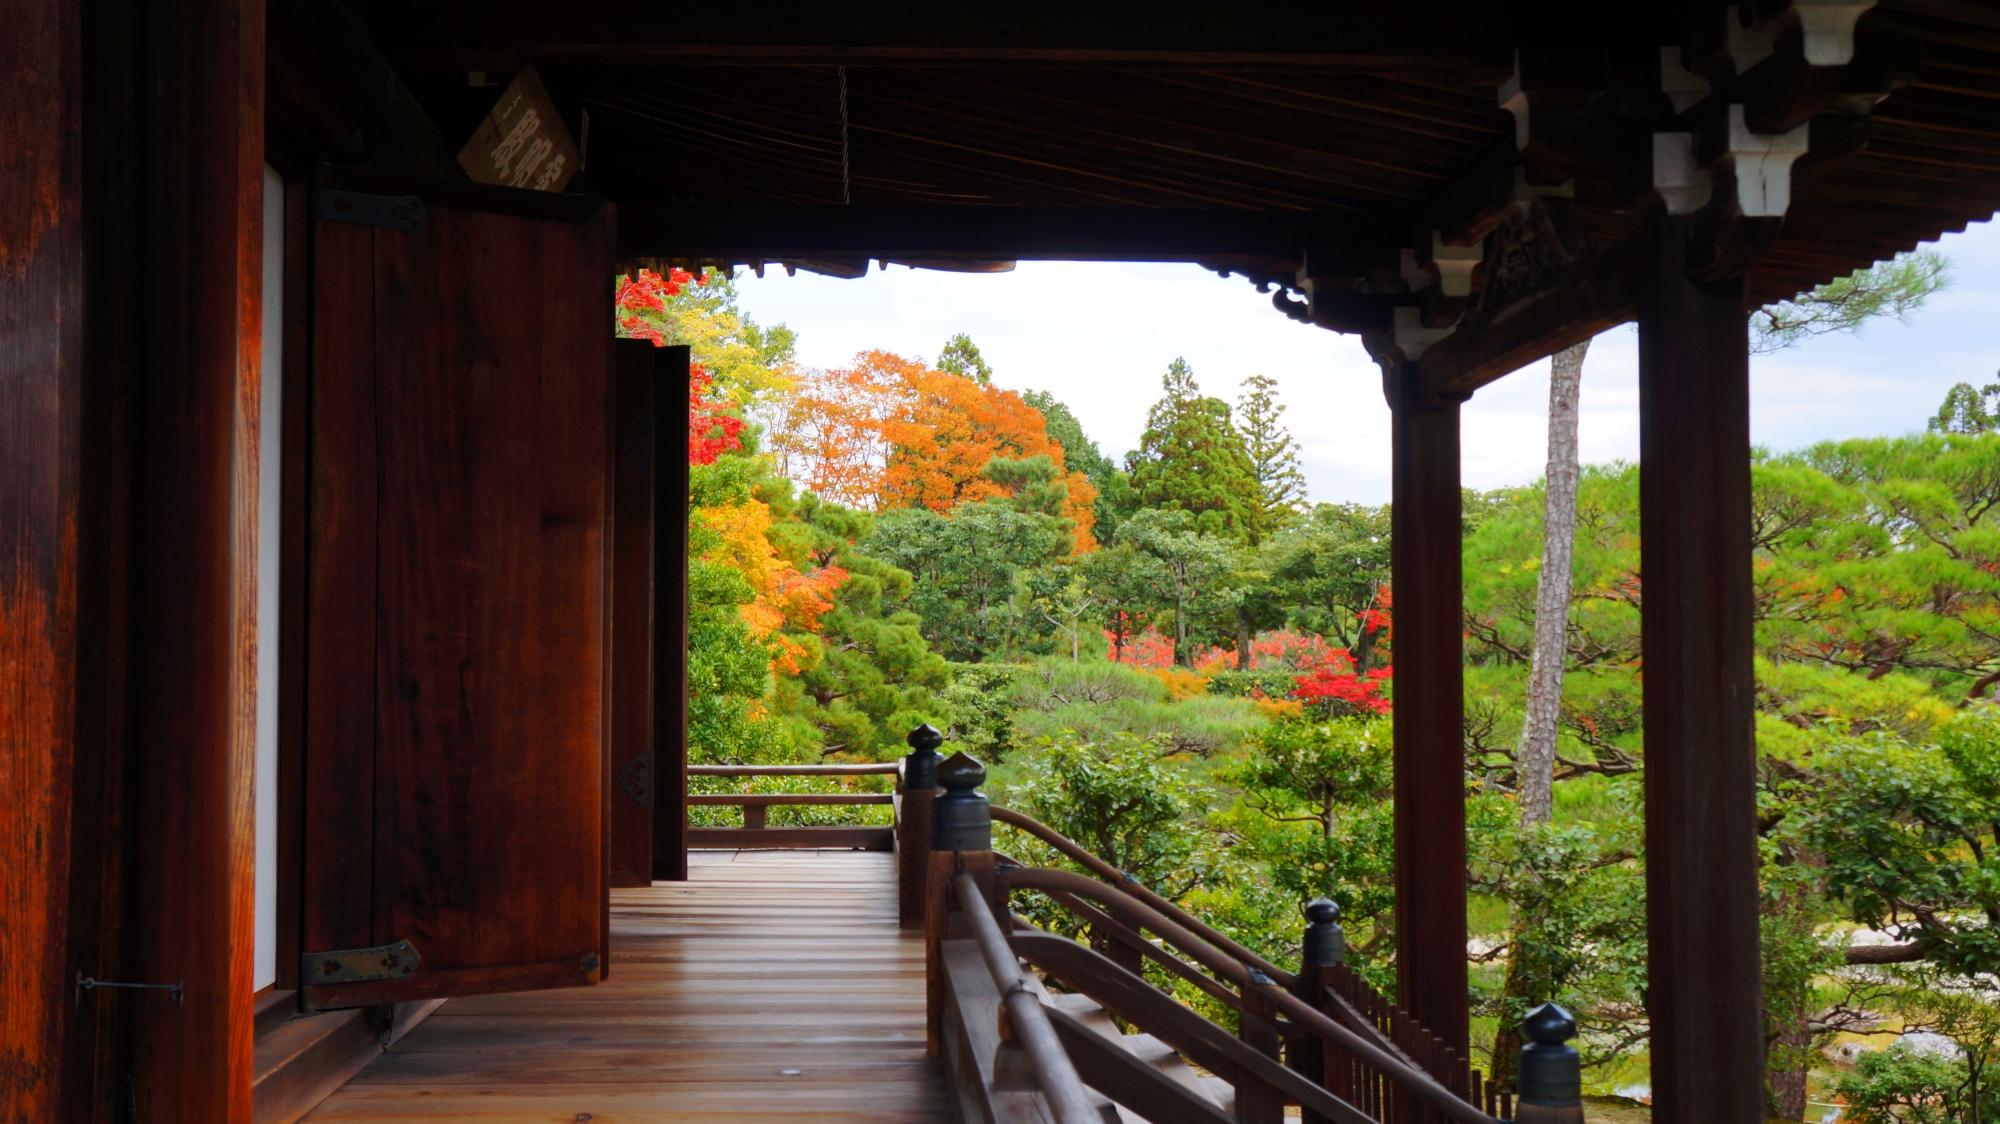 霊明殿と溢れる多様な緑と紅葉